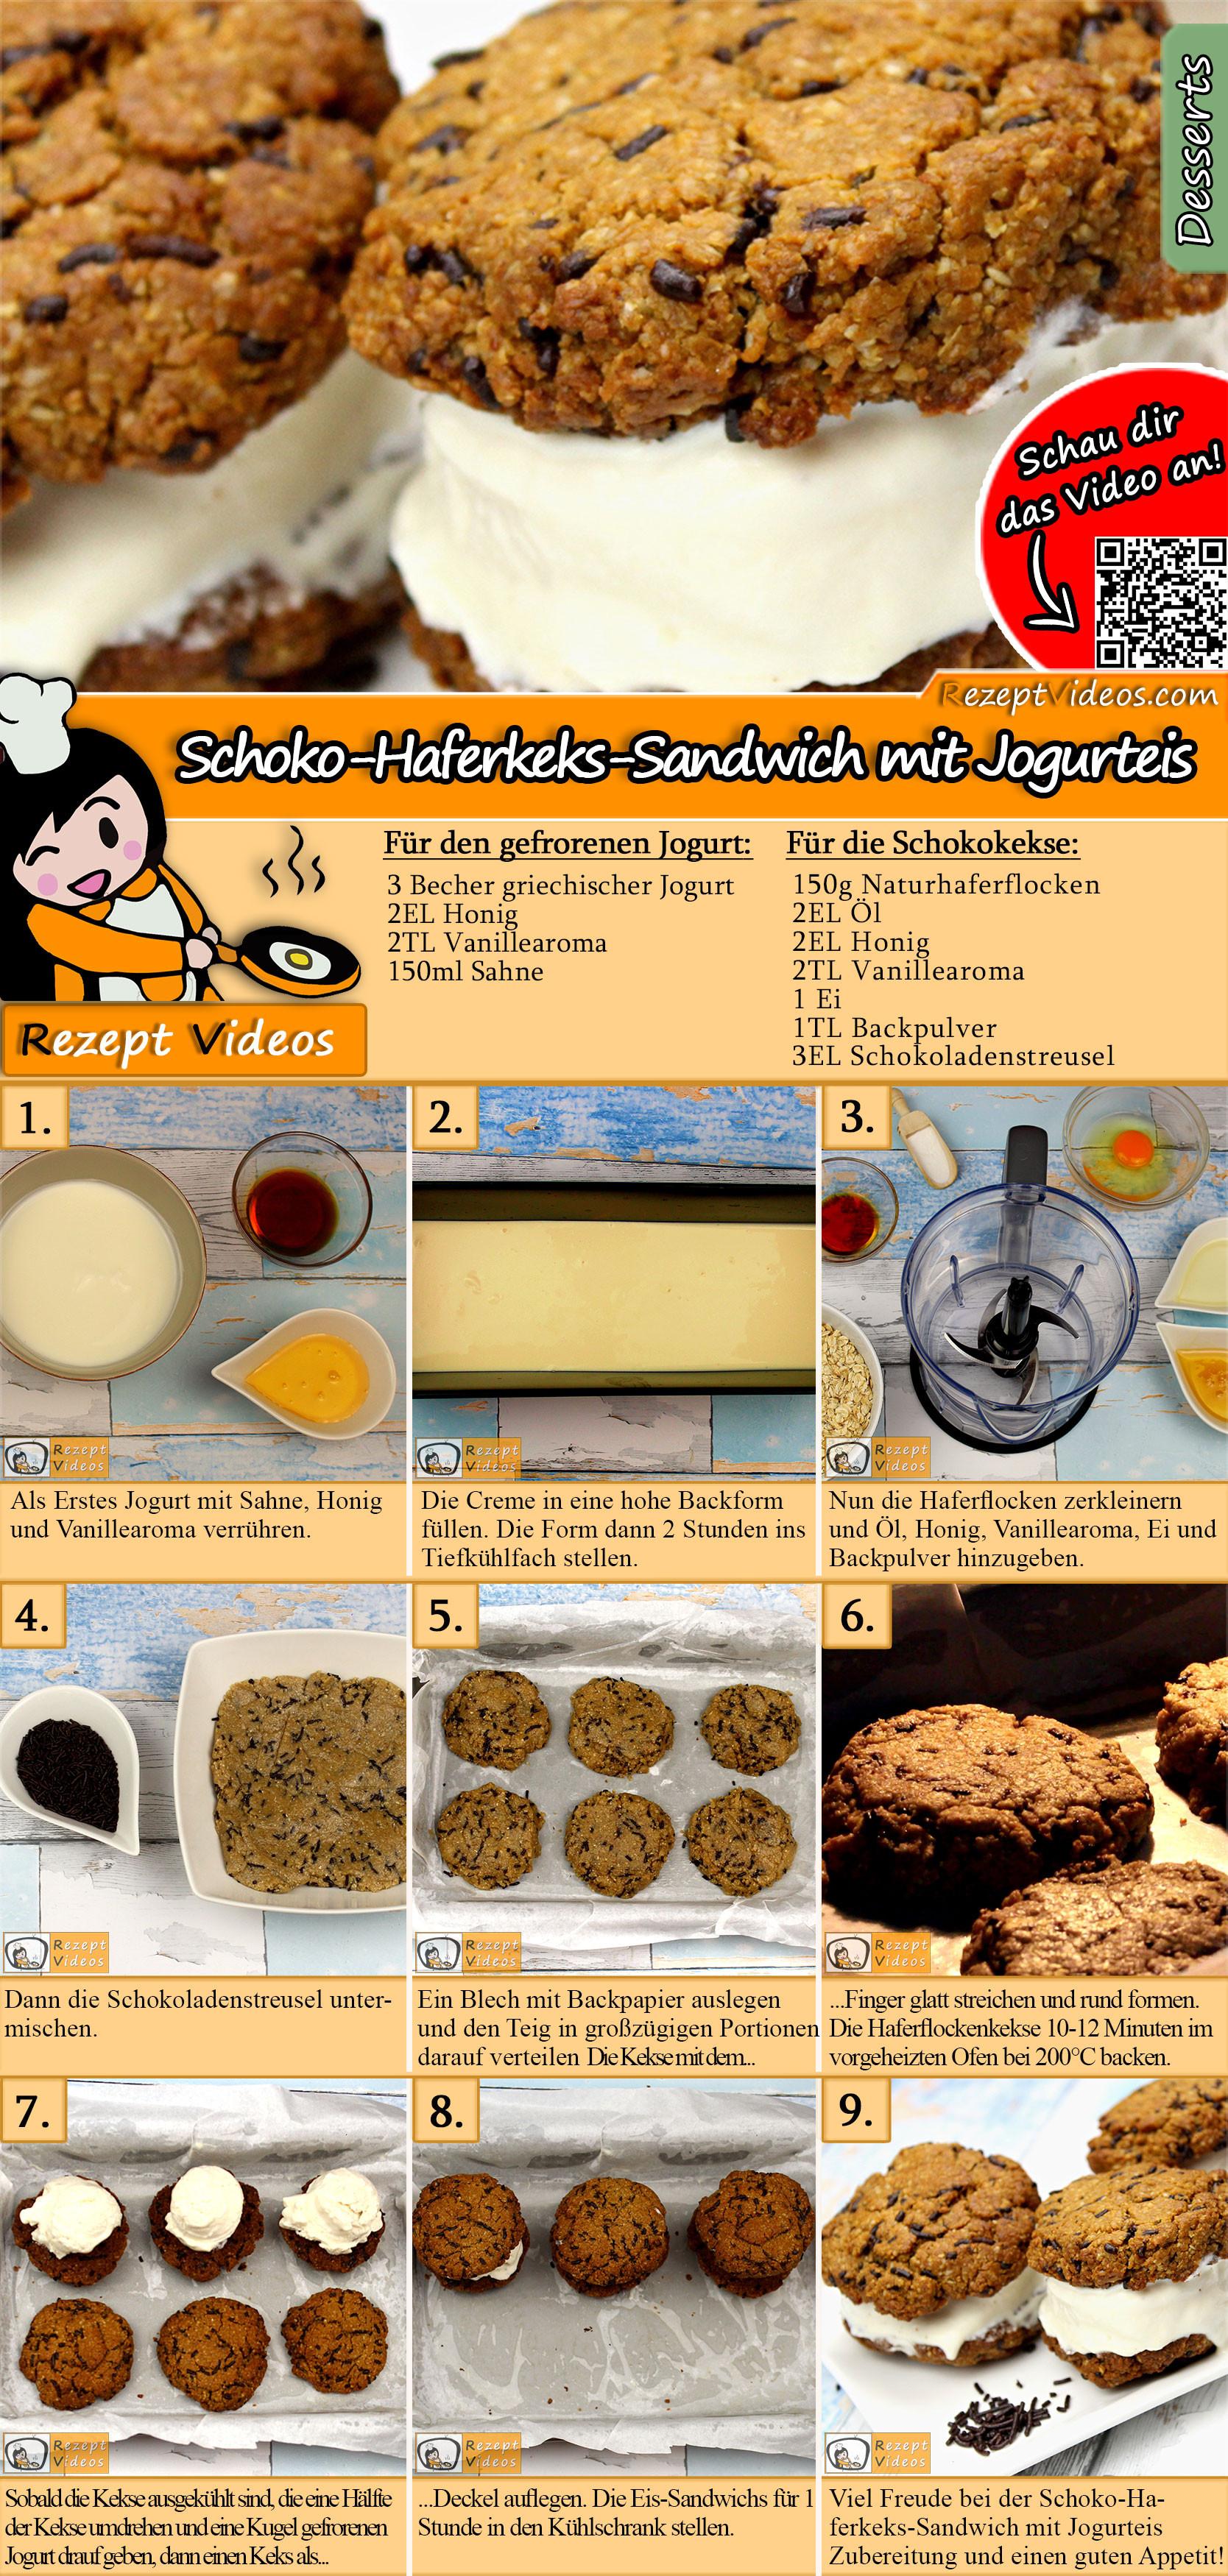 Schoko-Haferkeks-Sandwich mit Jogurteis Rezept mit Video